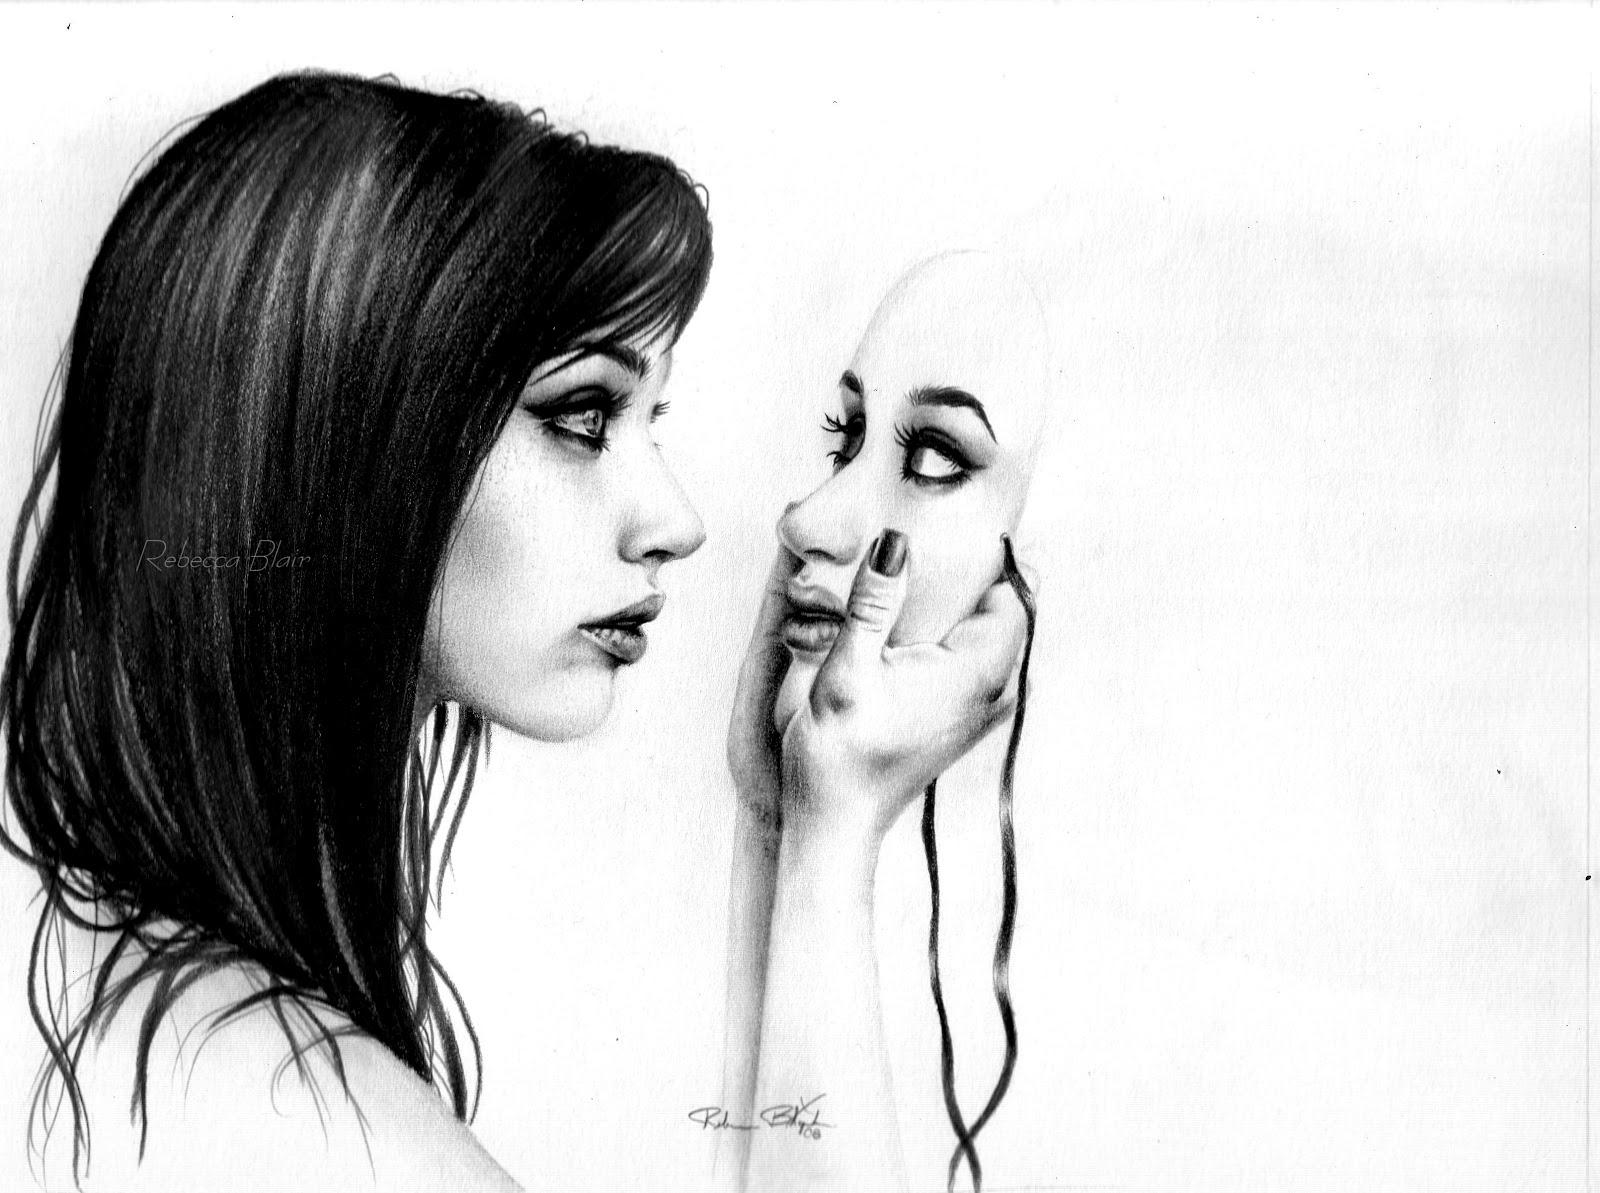 http://3.bp.blogspot.com/_lqu1e2S_0AA/TOKcrExvqRI/AAAAAAAAAq8/xo9QYcRX0xg/s1600/Two_Faced__by_R_becca.jpg